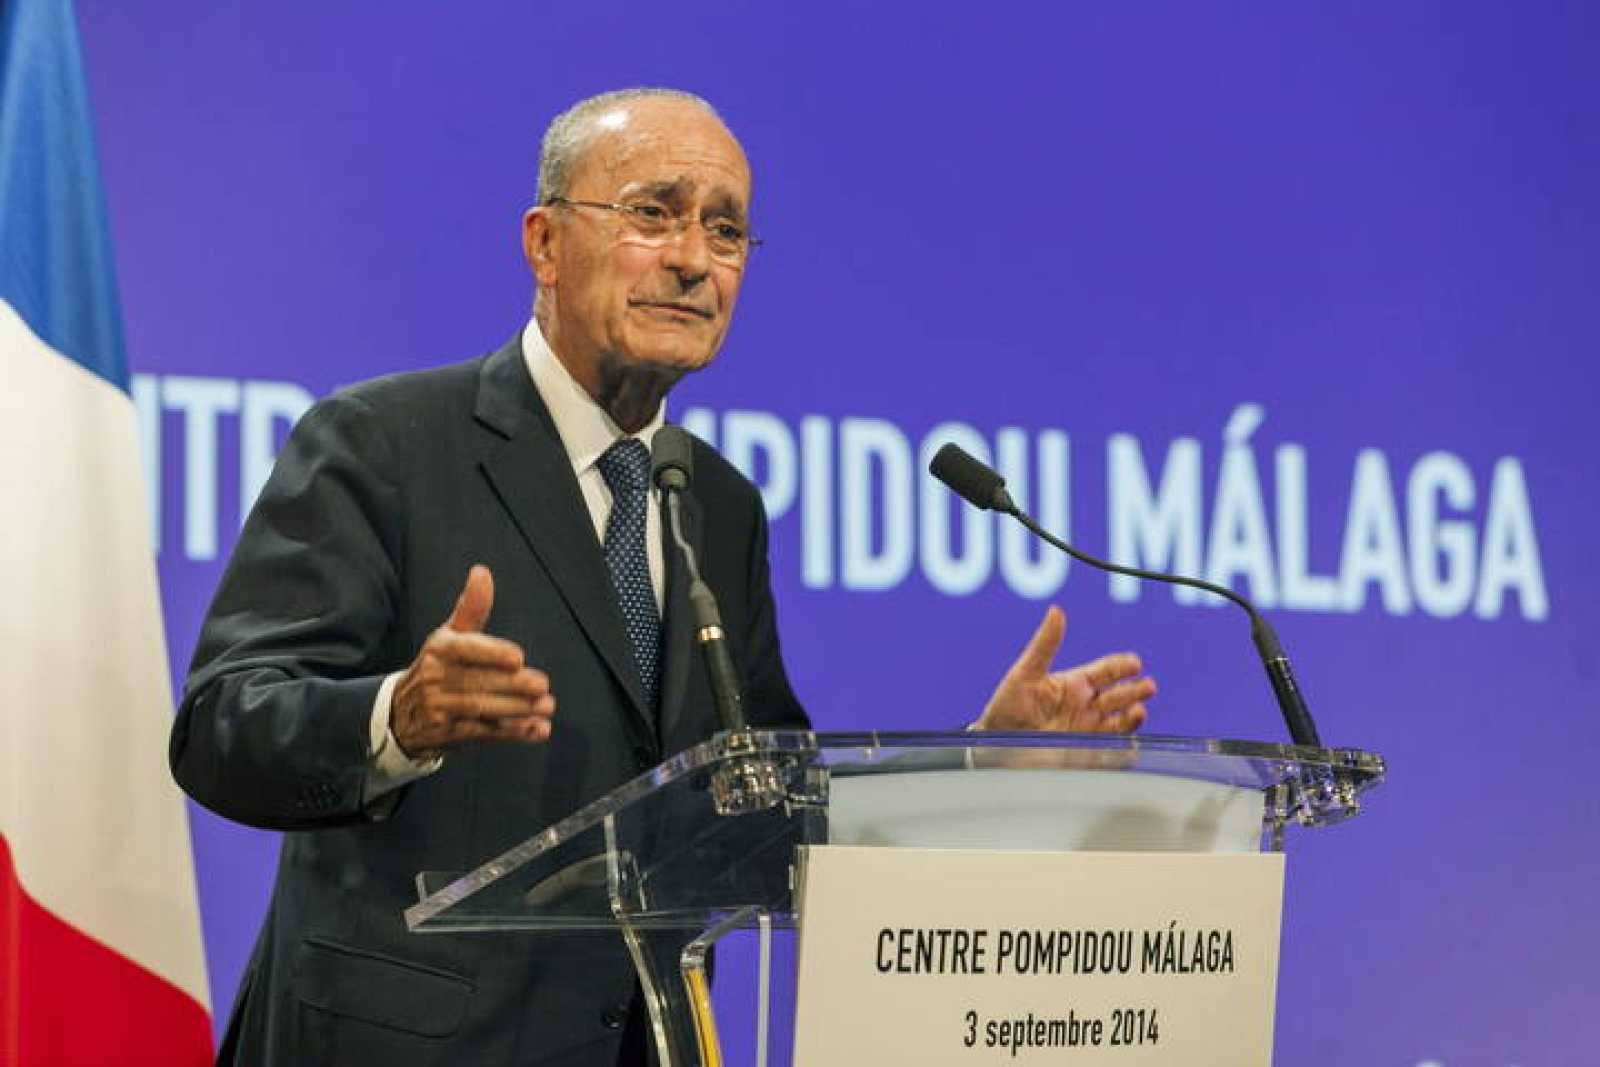 El alcalde de Málaga, Francisco de la Torre, durante la presentación en París del Centro Pompidou de Málaga